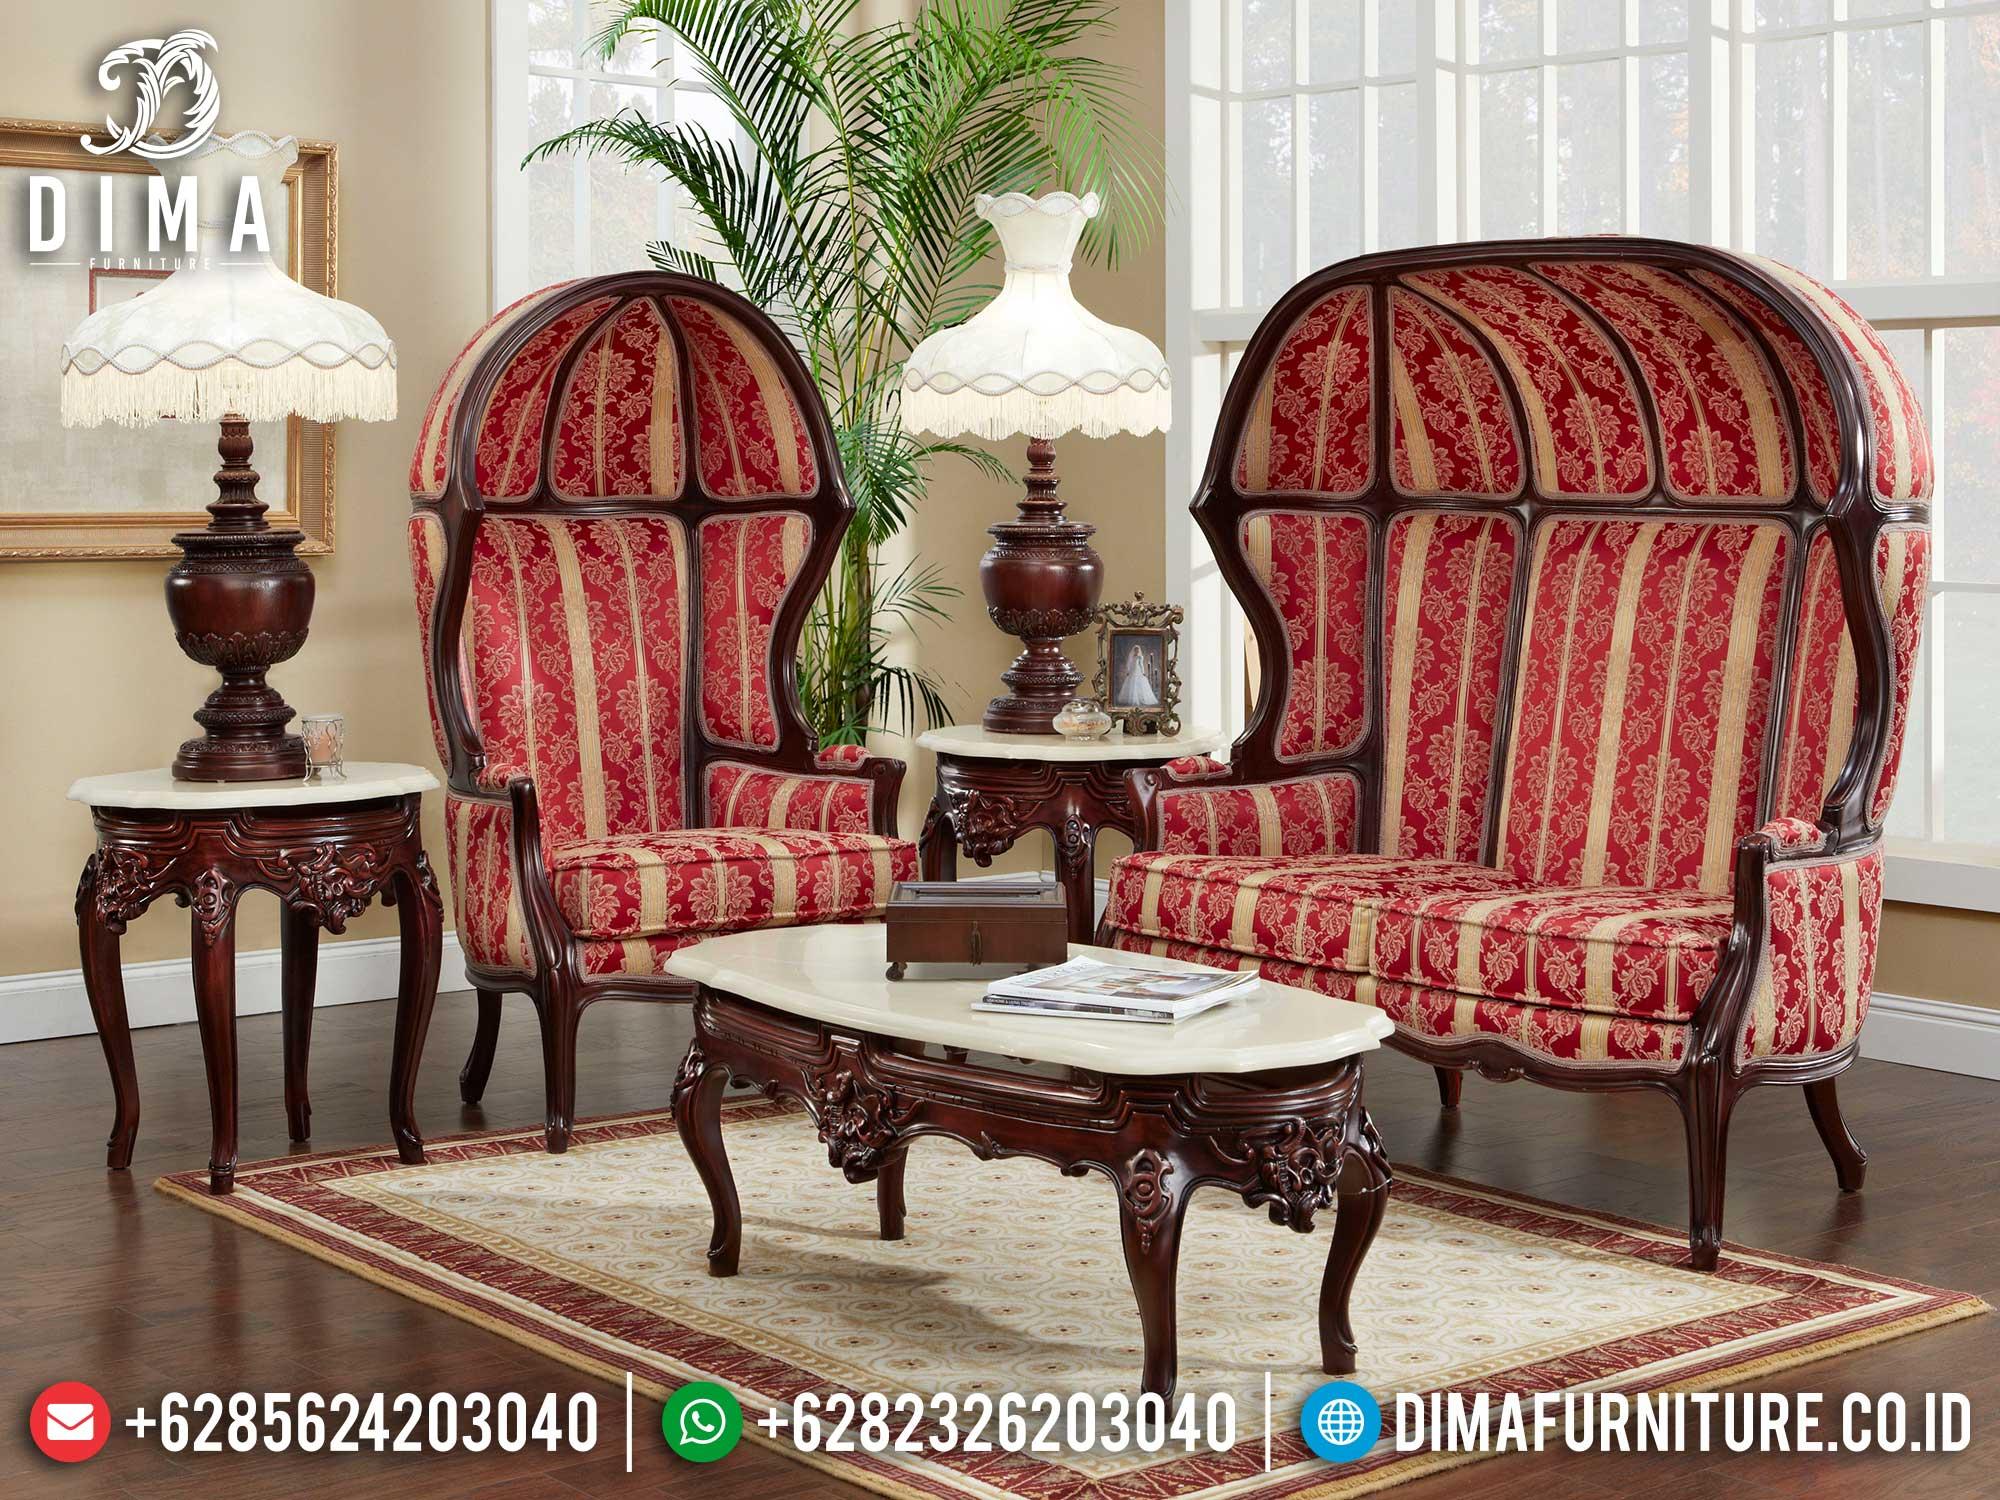 Sofa Tamu Mewah Desain Kubah Luxury Classic Natural Dark Color Mm-0935